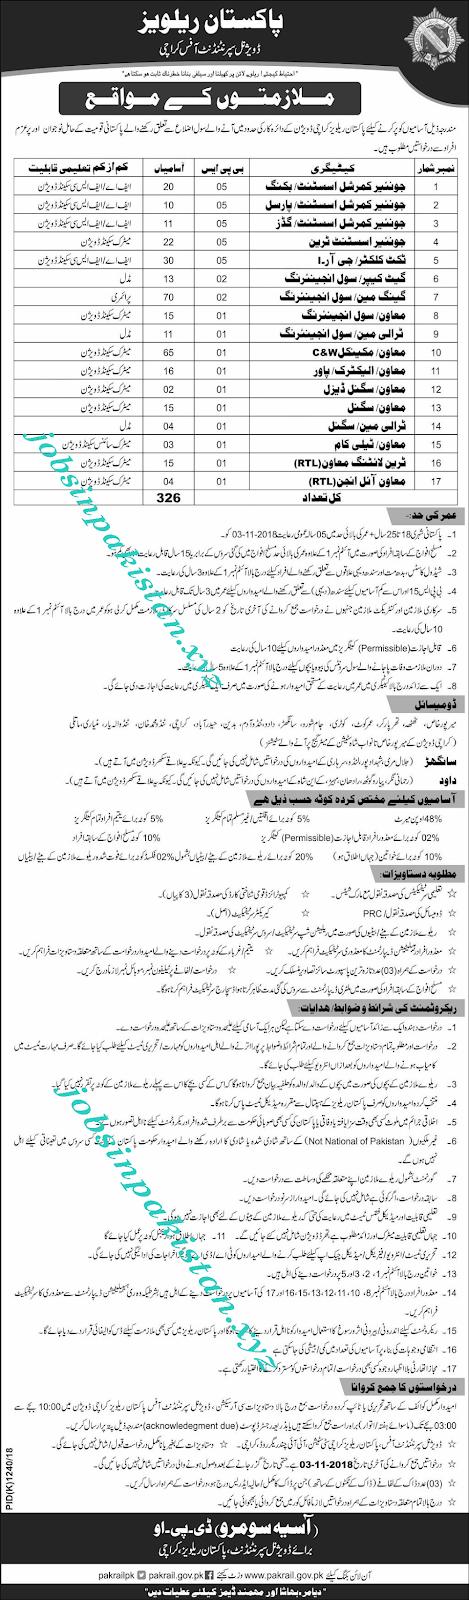 Pakistan Railway Jobs 2018 Advertisement